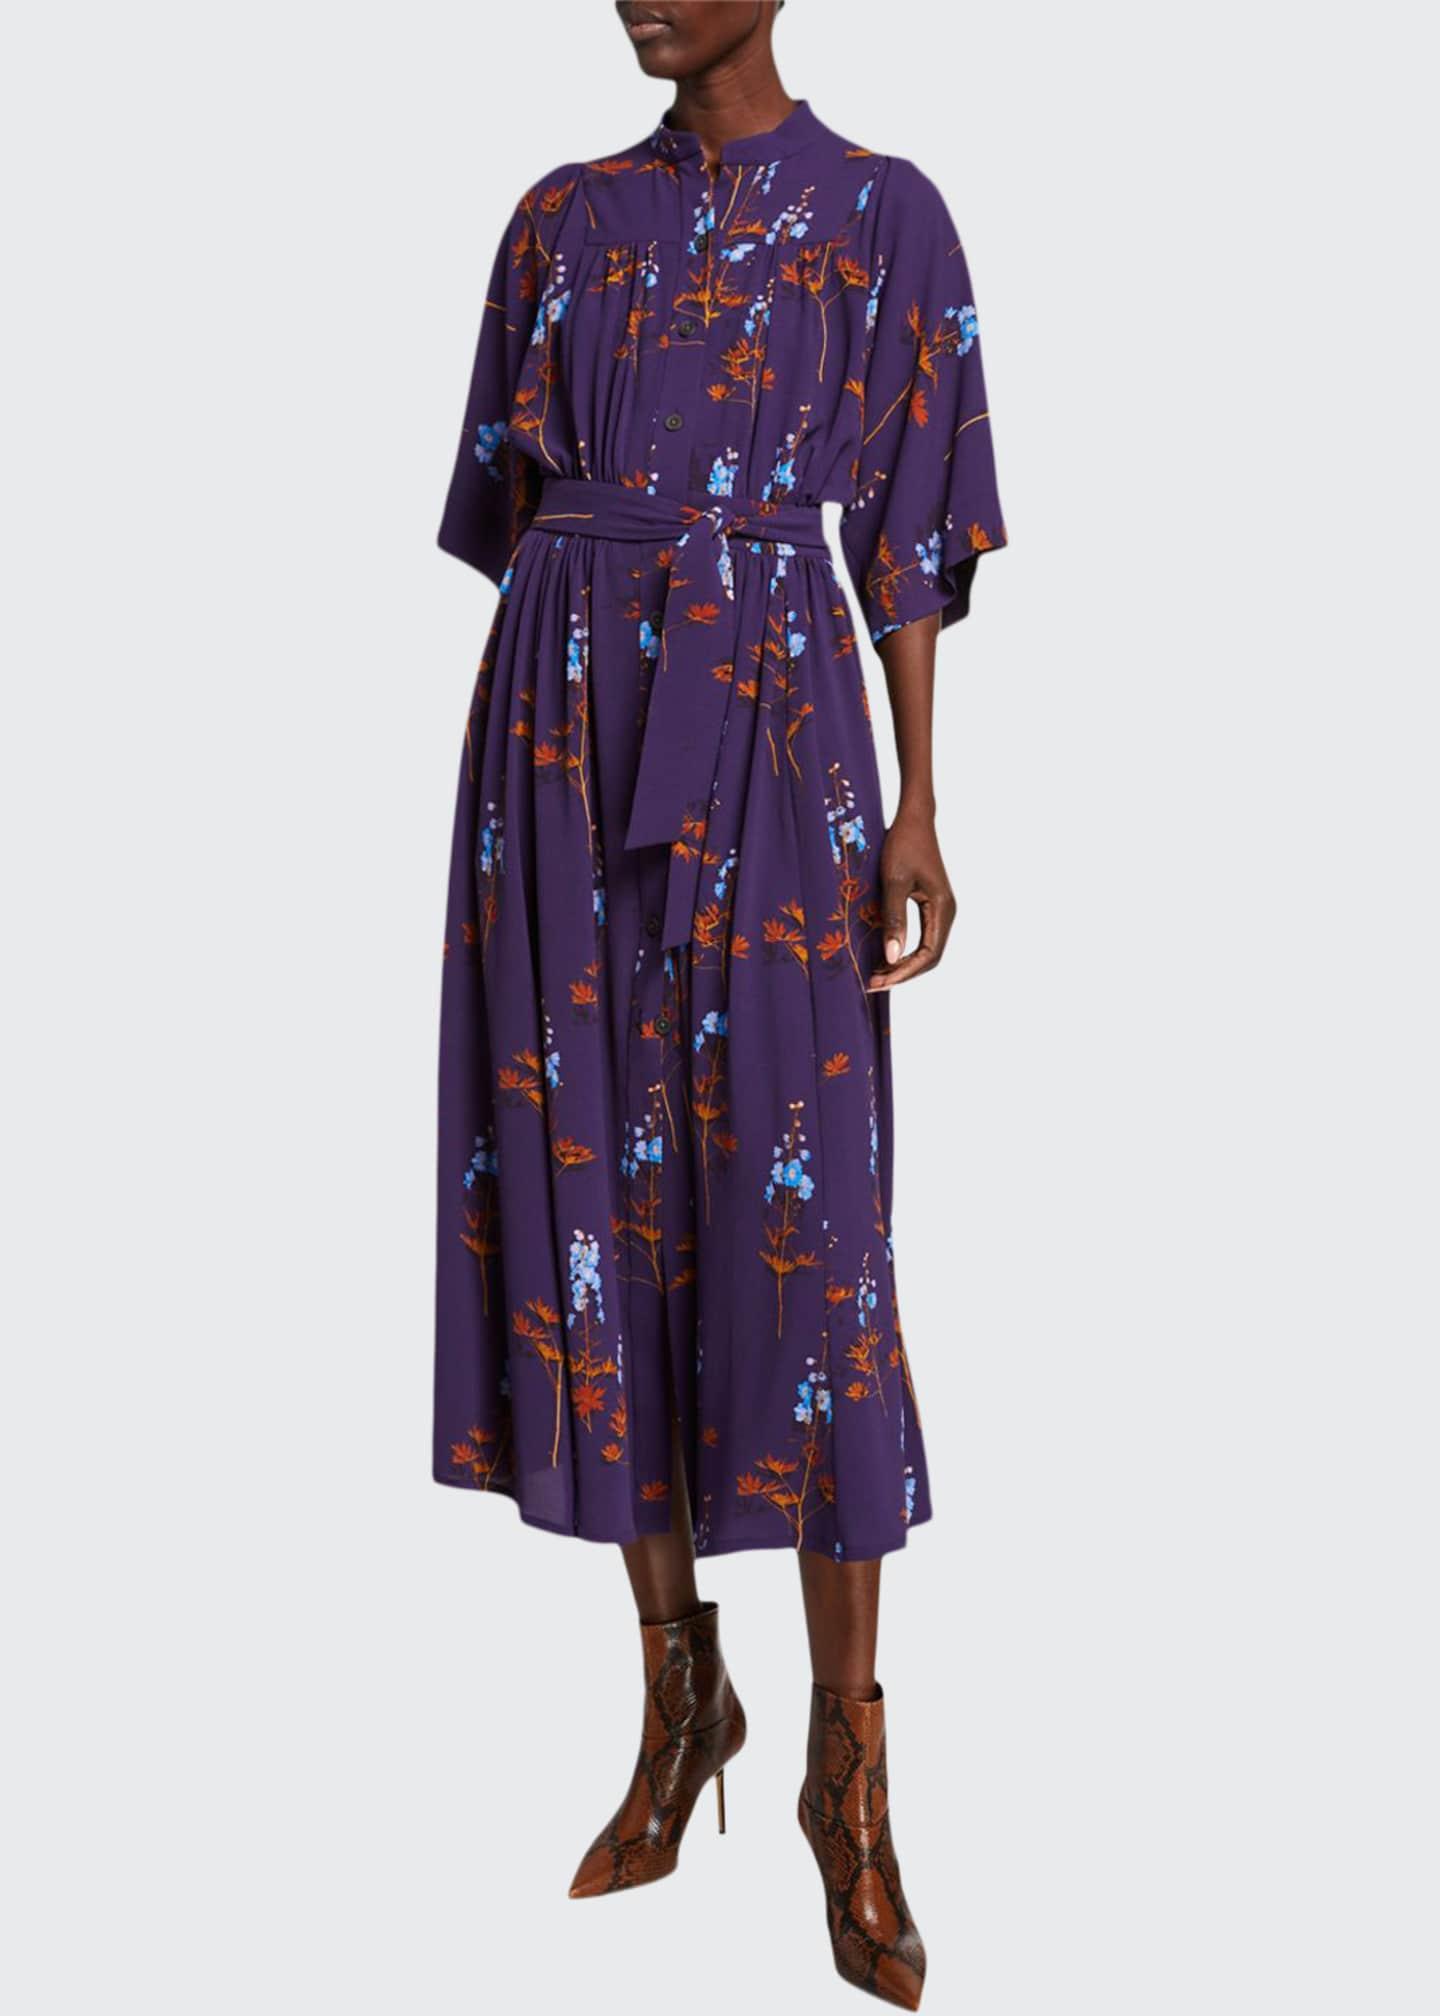 Dries Van Noten Floral Print Flutter-Sleeve Shirtdress